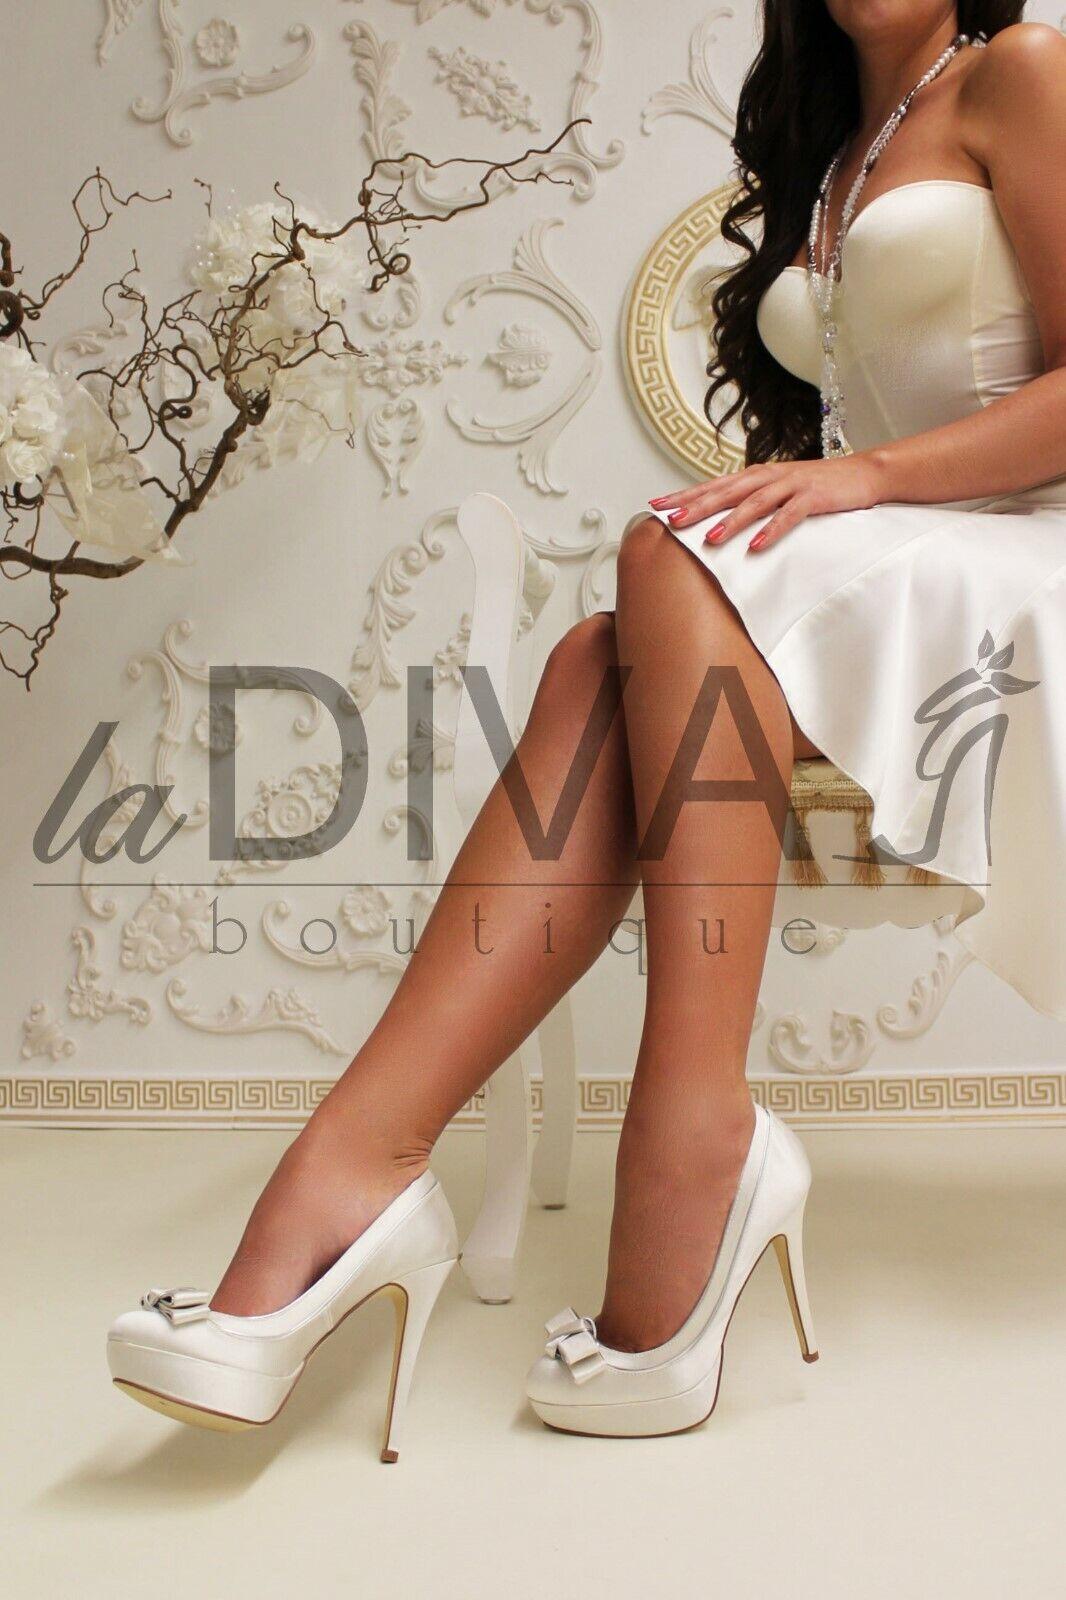 mänbur Pumpar Satin med Bow 37 Ivory Ivory Ivory vit Gloss Bridal skor  bästa kvalitet bästa pris